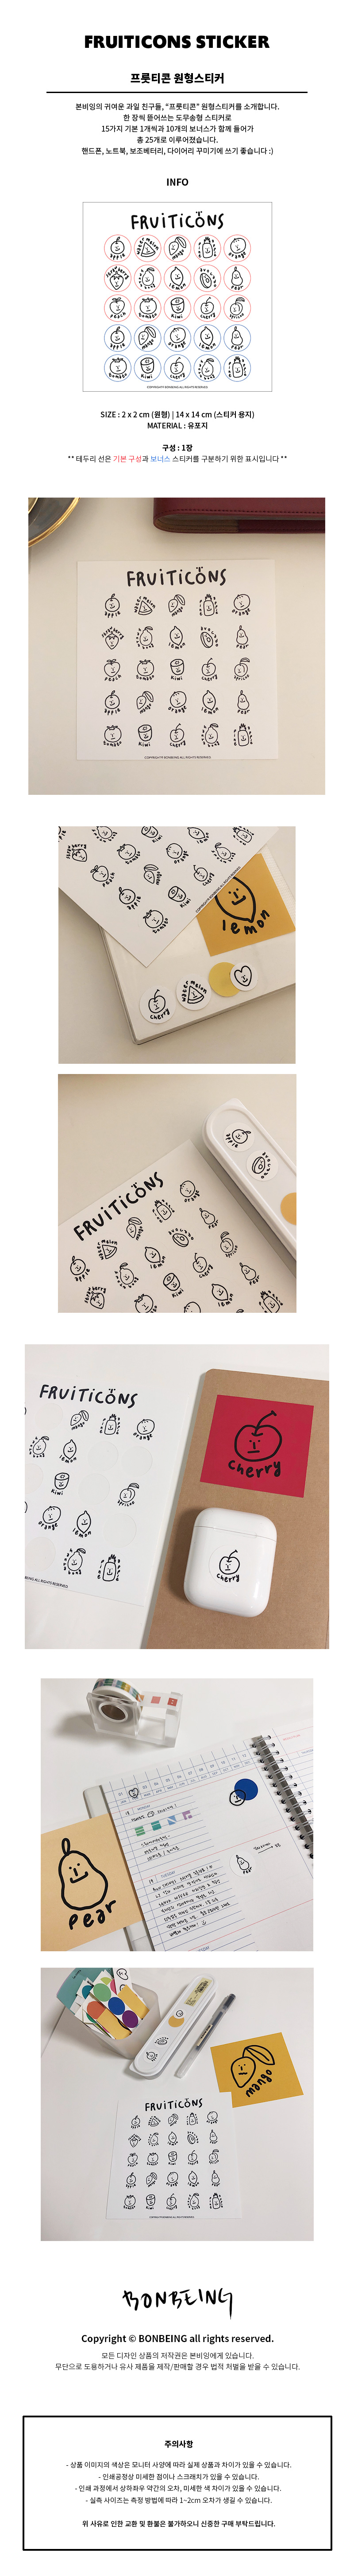 프룻티콘 원형스티커 - 본비잉, 2,000원, 스티커, 디자인스티커